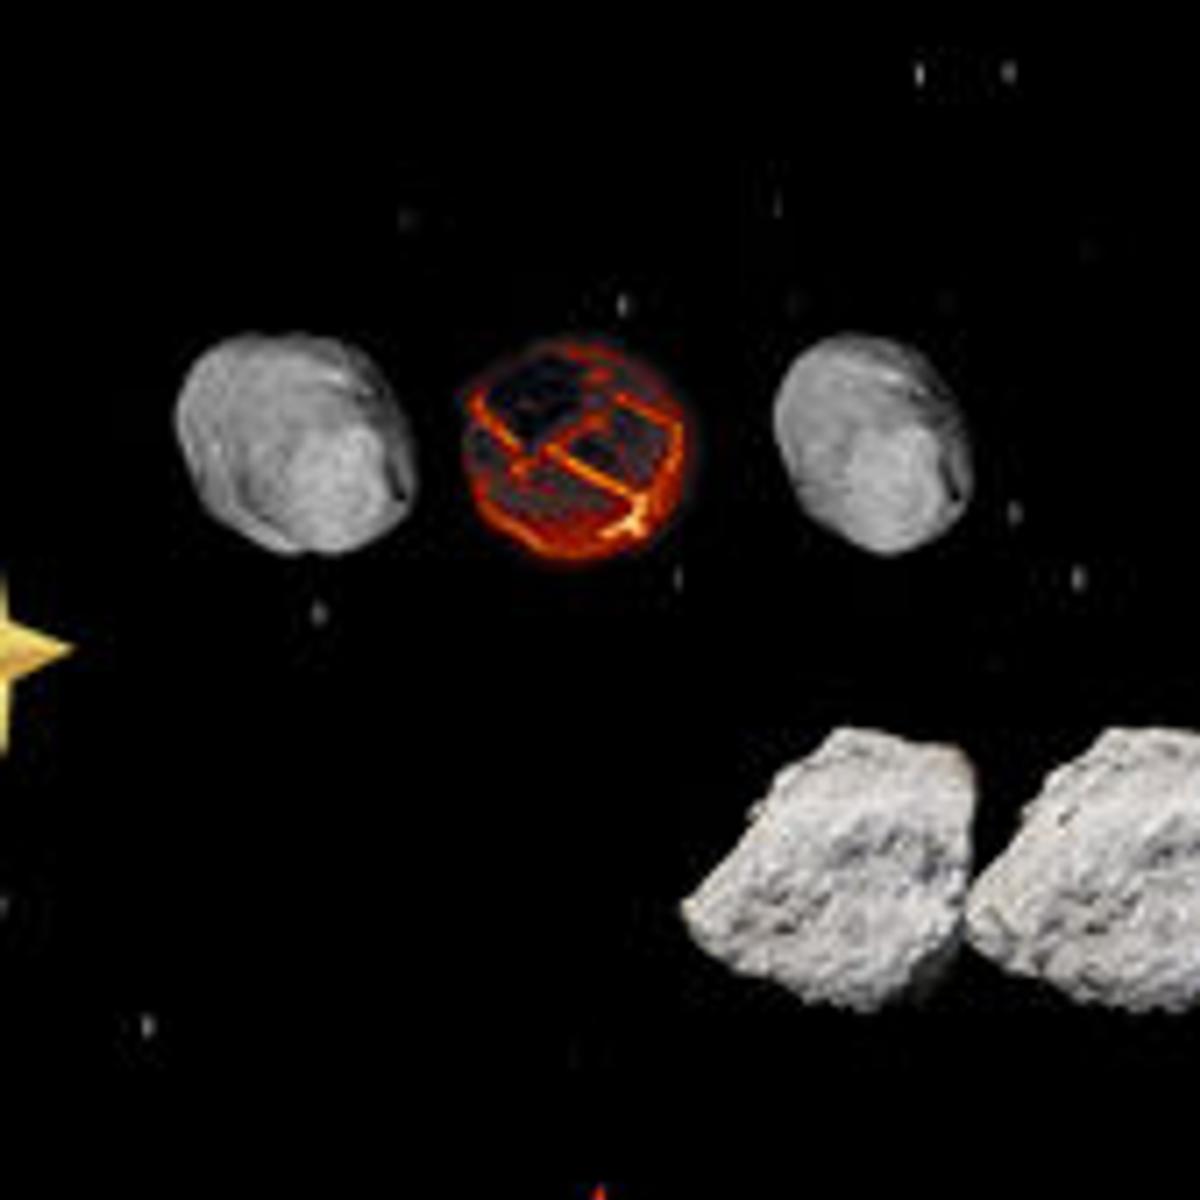 asteroid impact avoidance - photo #39